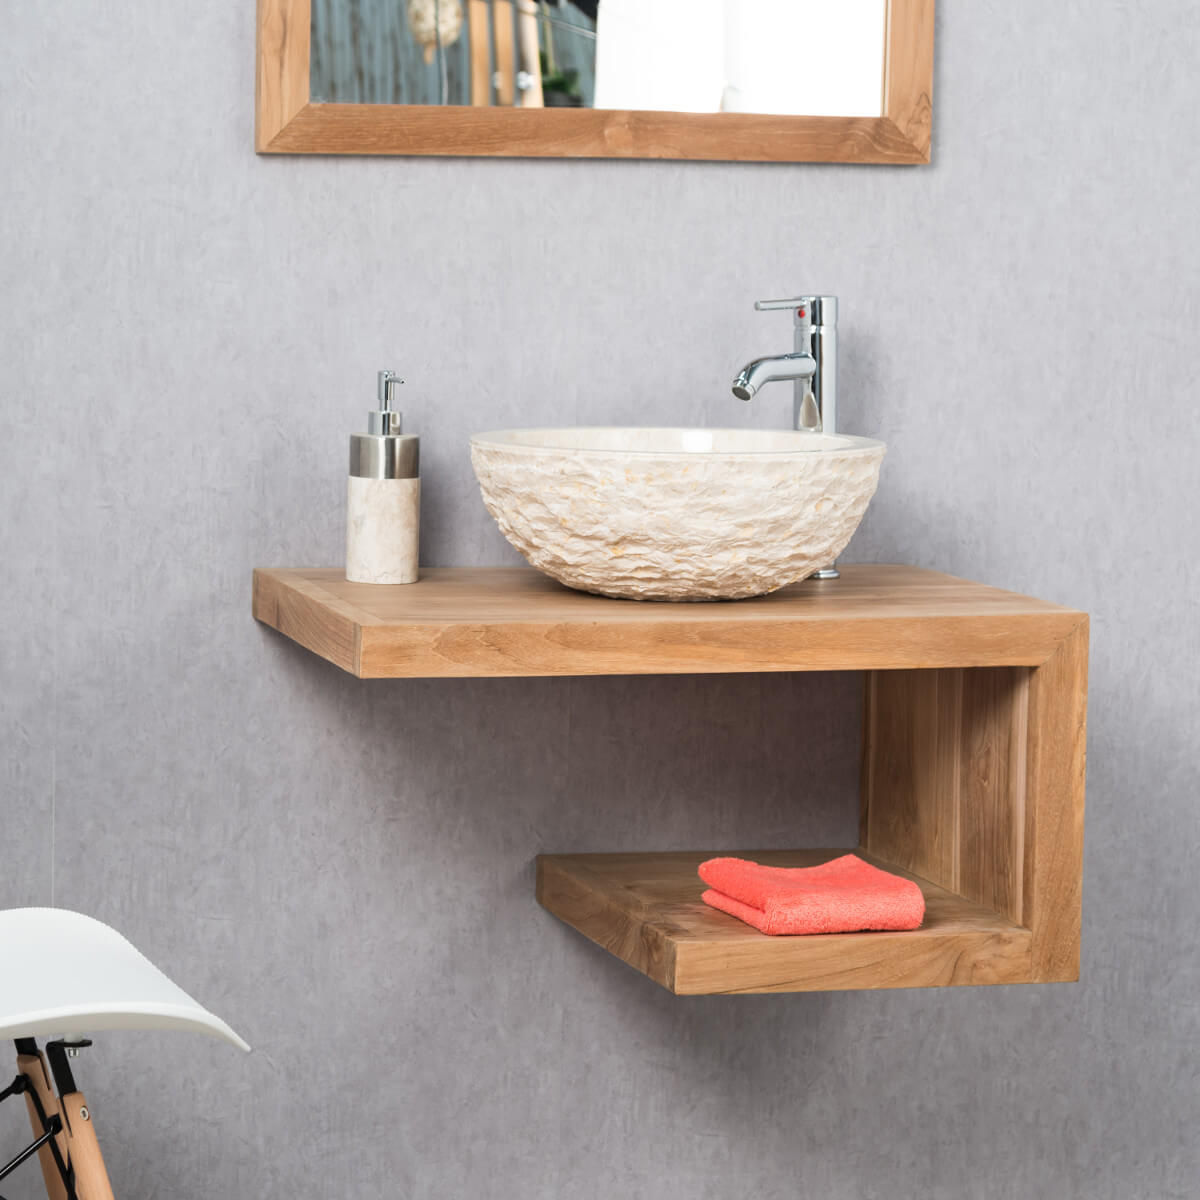 Meuble sous vasque simple vasque en bois teck massif for Meuble salle de bain teck suspendu